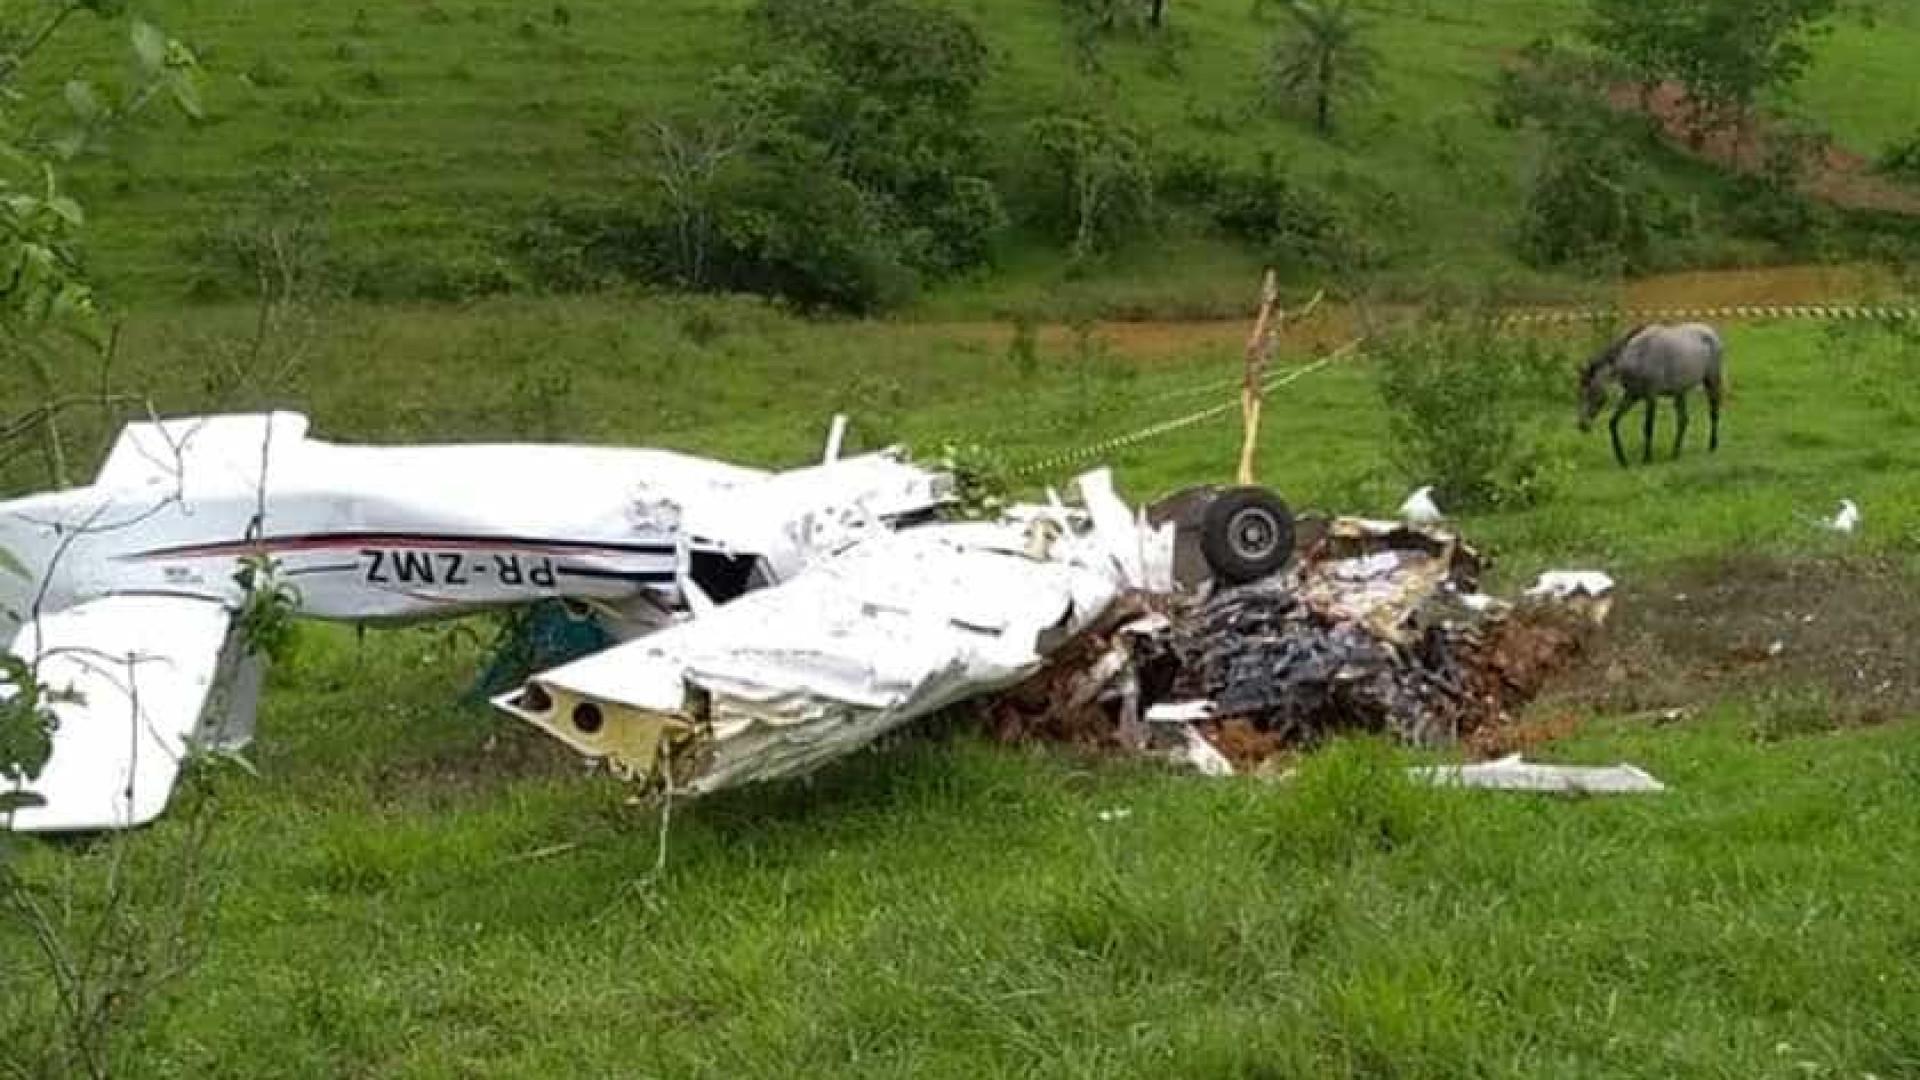 Casal e três filhos morrem em queda de avião em Minas Gerais